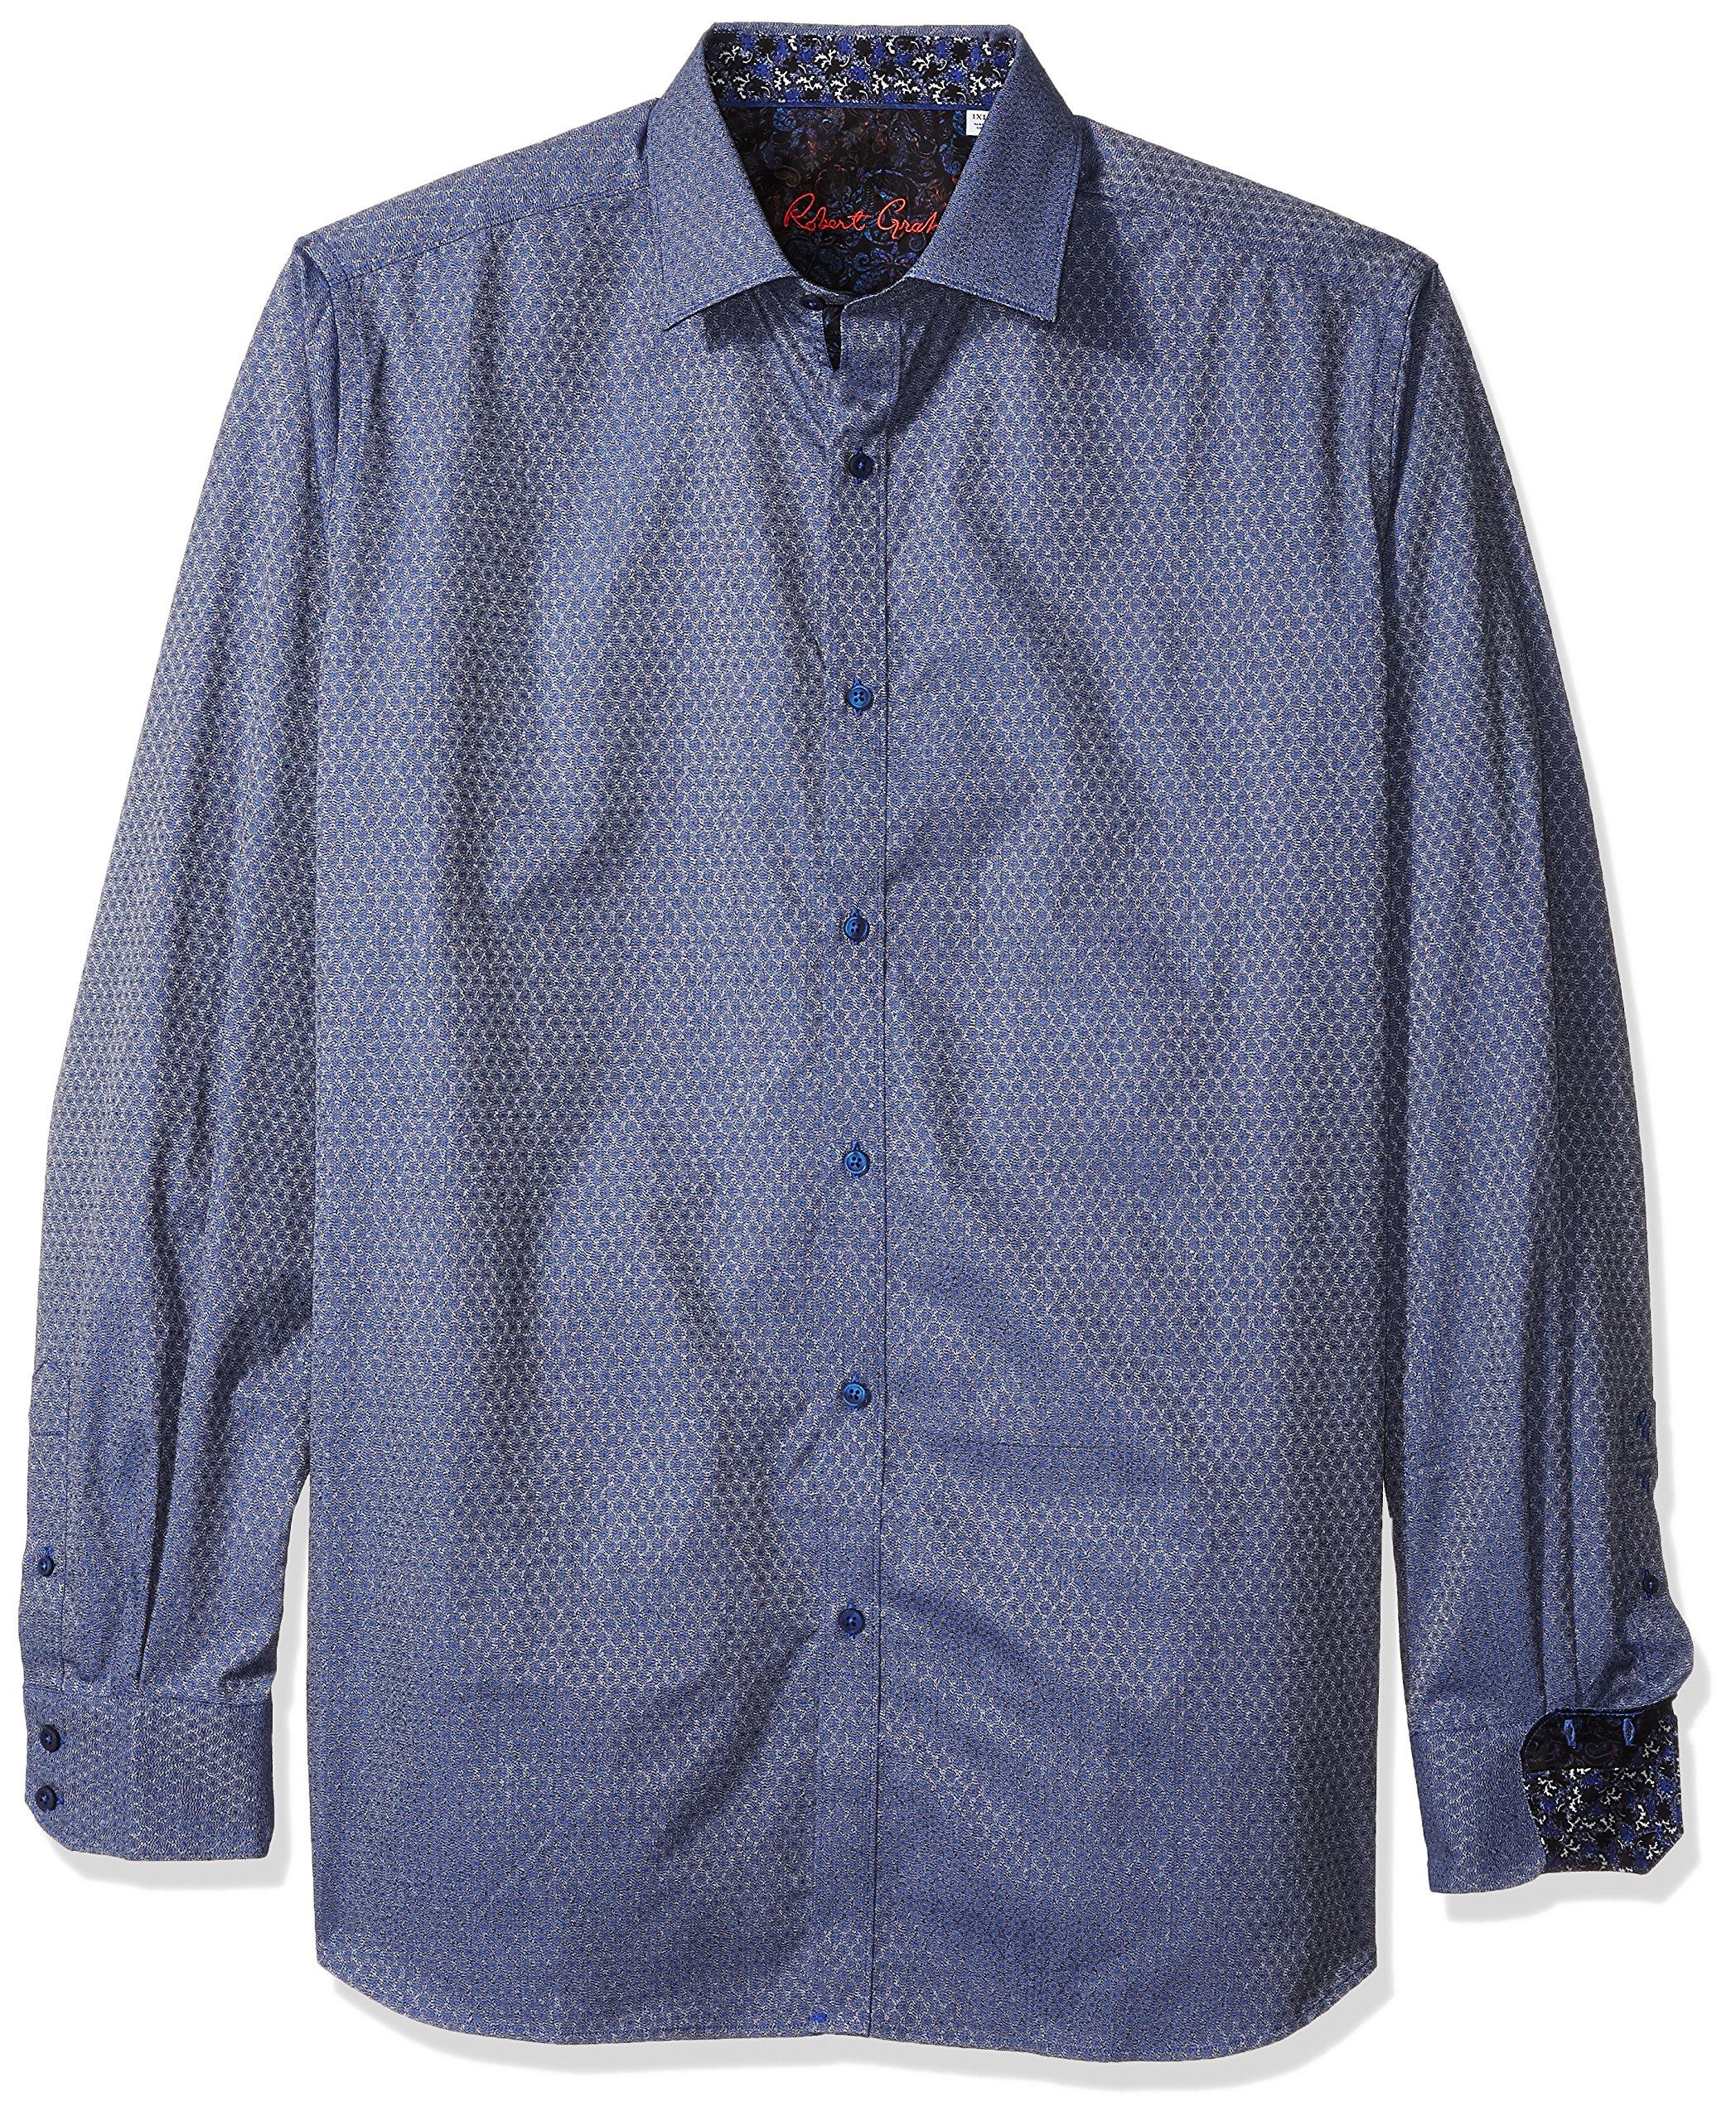 Robert Graham Men's North Creek L/s Classic Fit Shirt, Blue 2XL